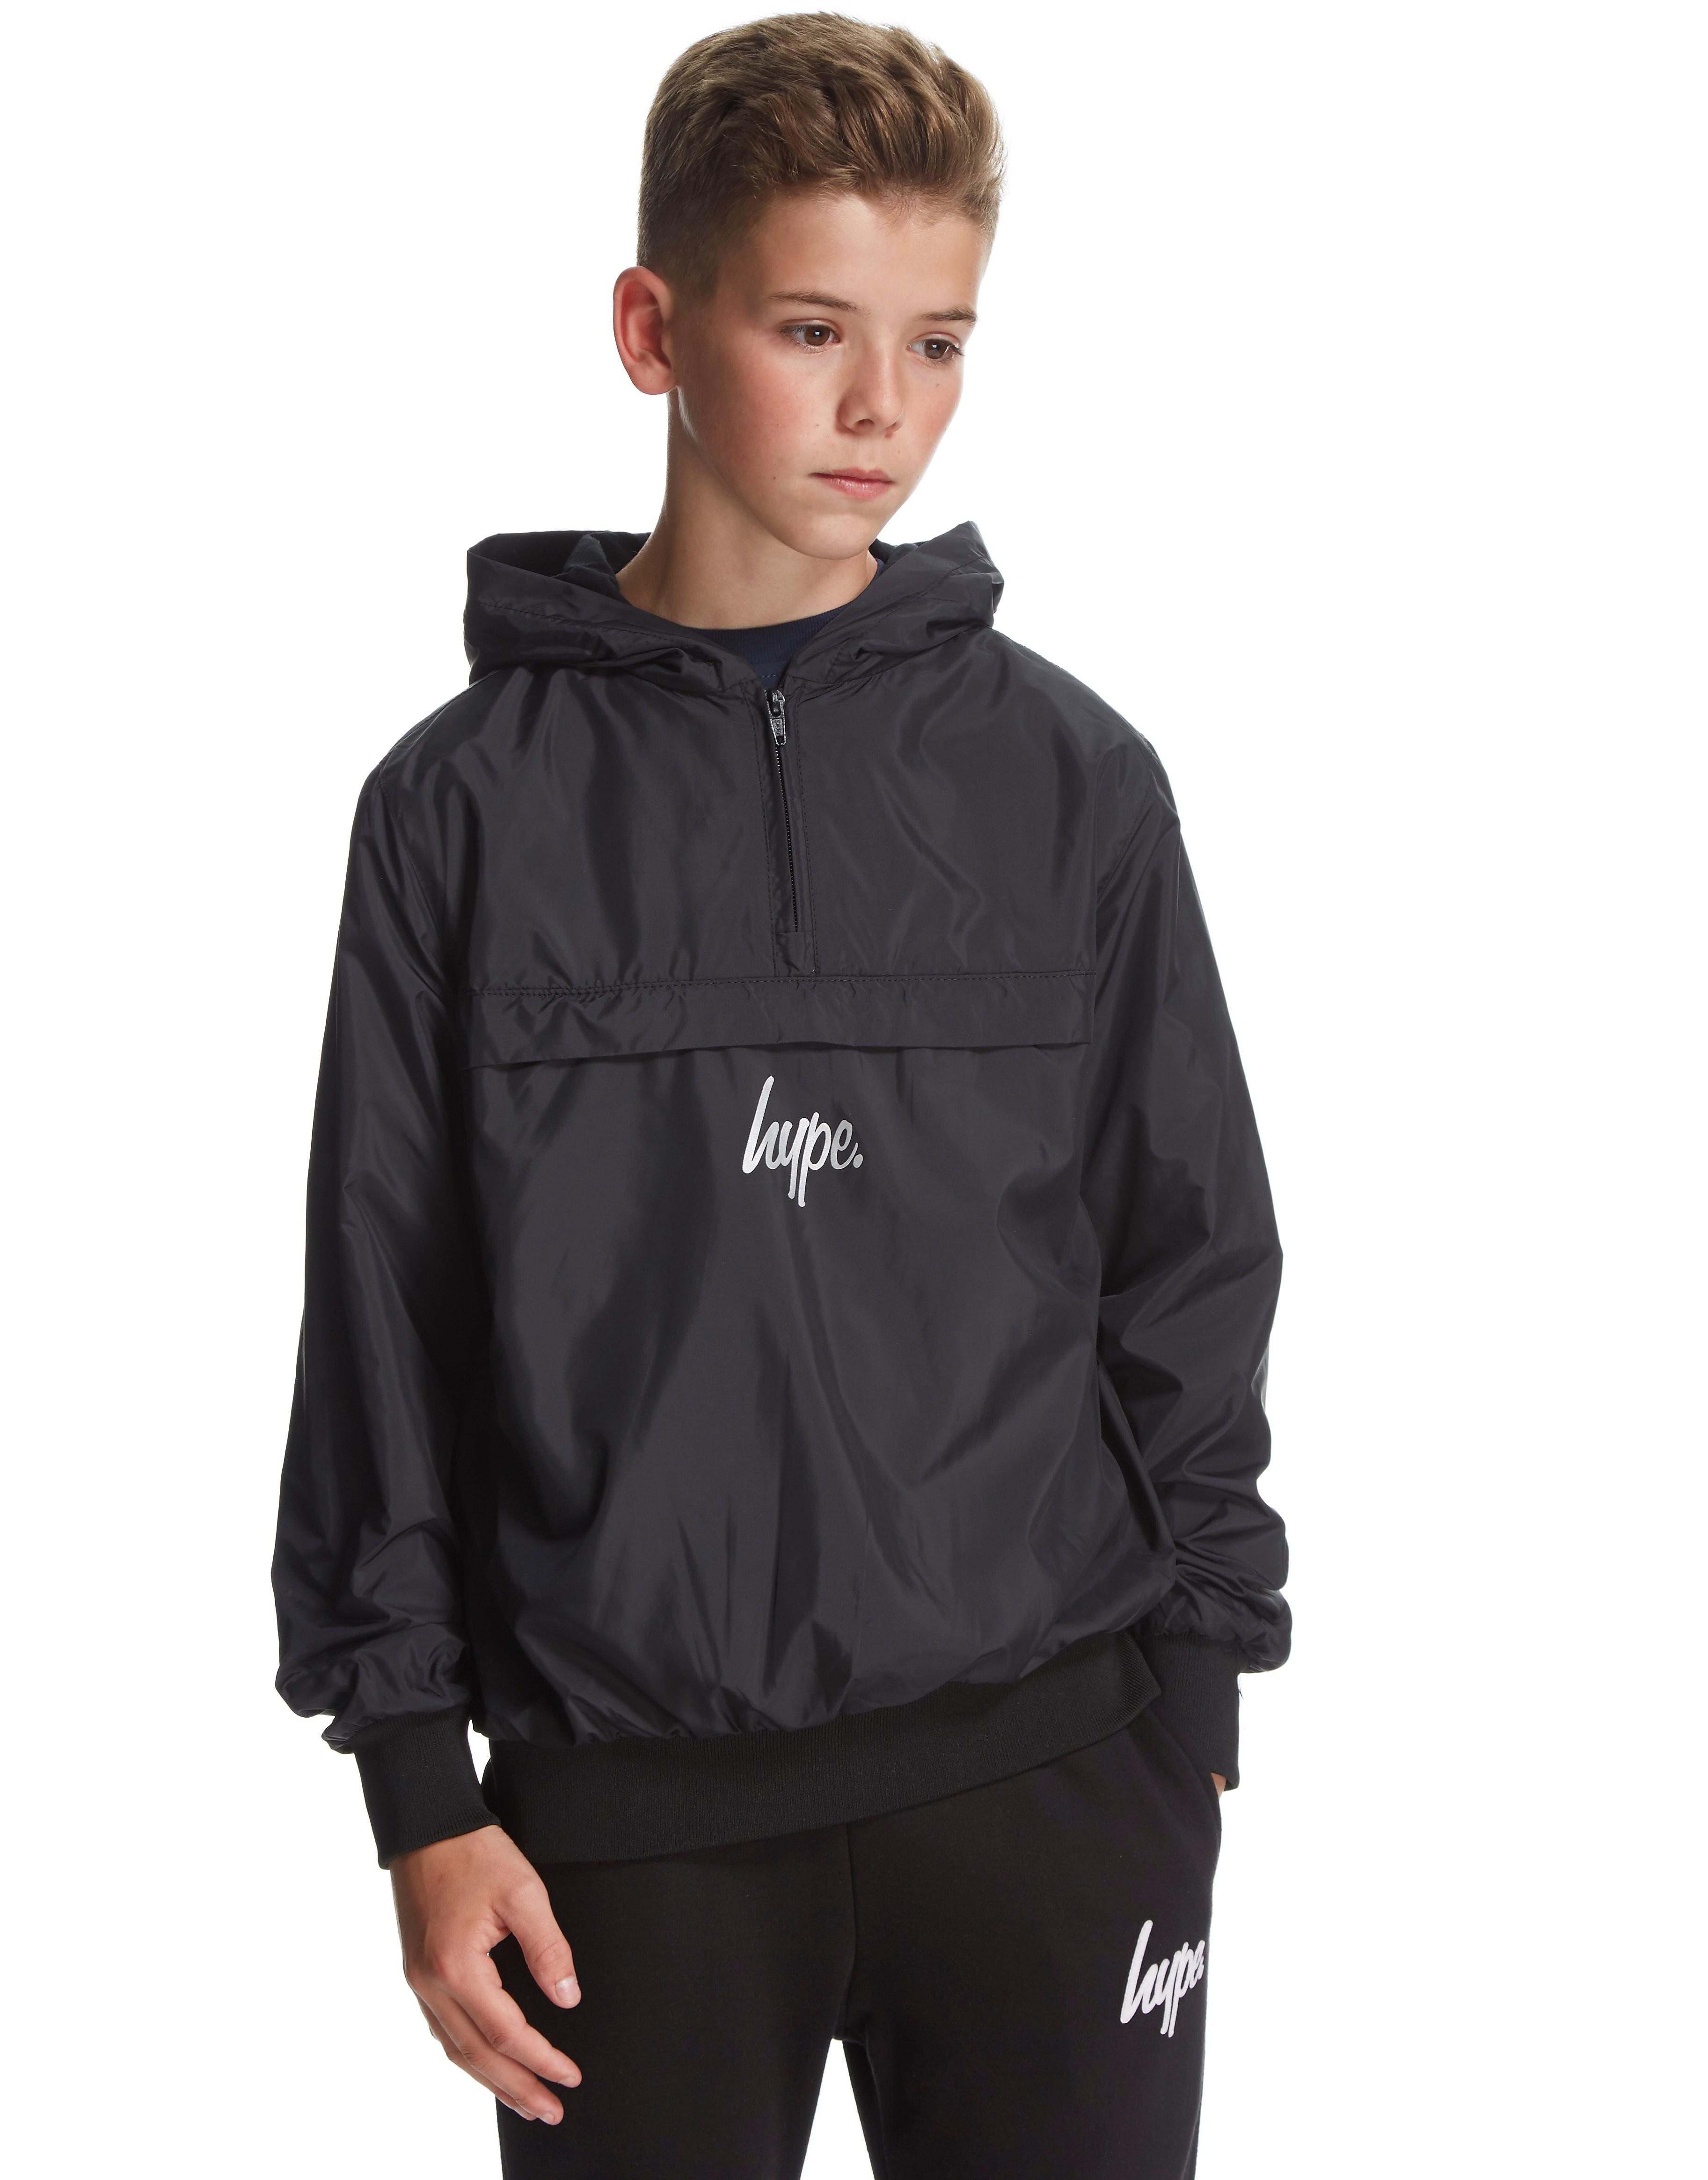 Hype Overhead-jas voor tieners